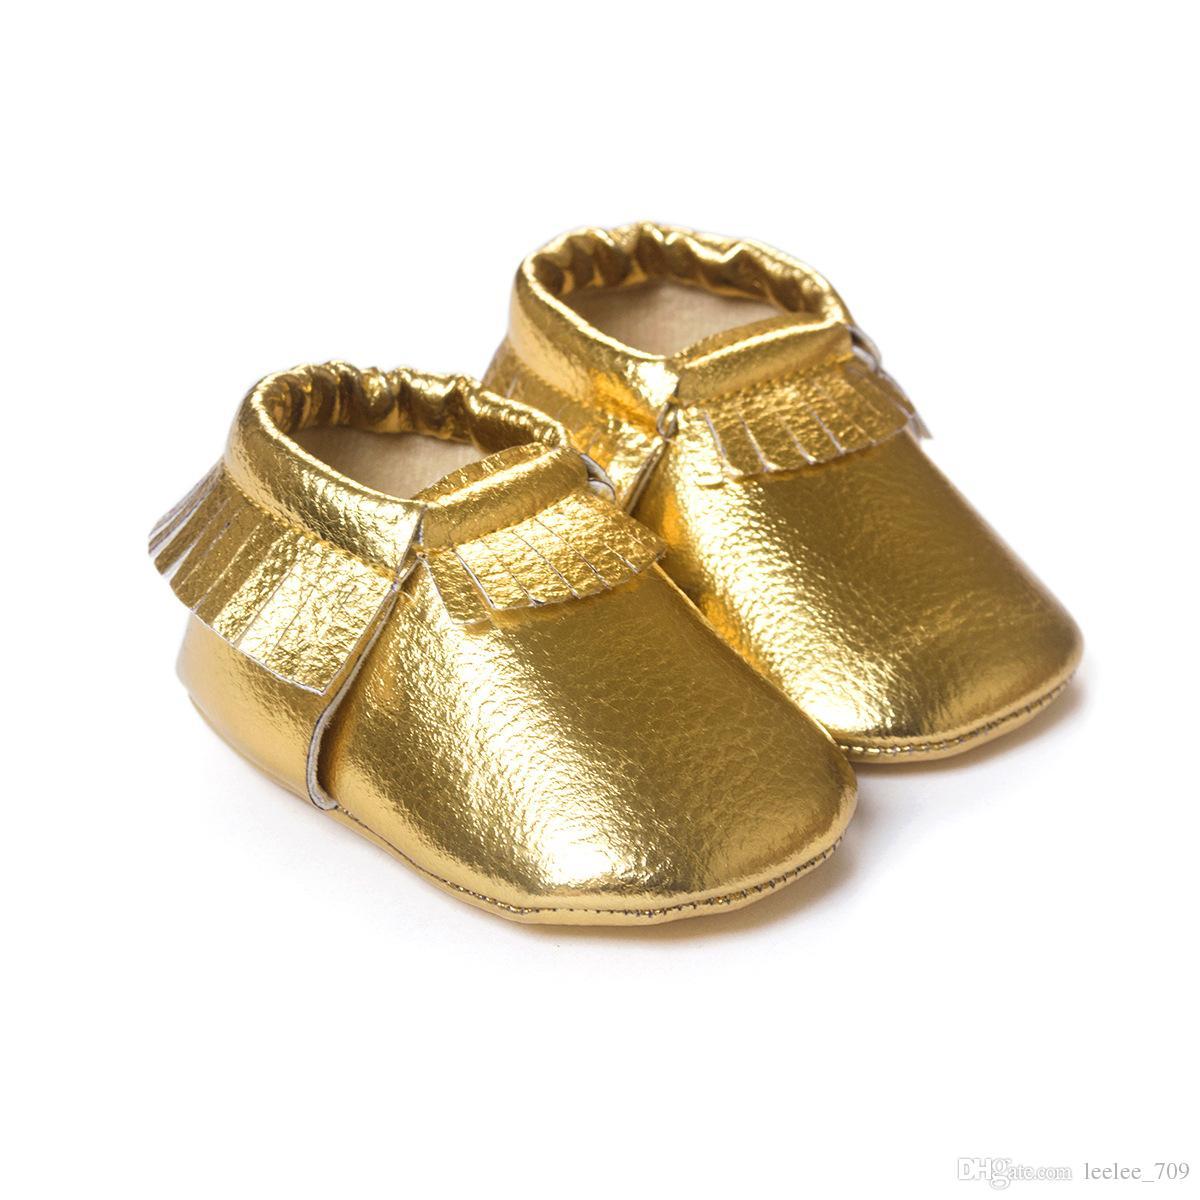 51 Renk Bebek moccasins yumuşak taban PU deri ilk yürüteç ayakkabı bebek yenidoğan ayakkabı Püsküller maccasions toddler ayakkabı